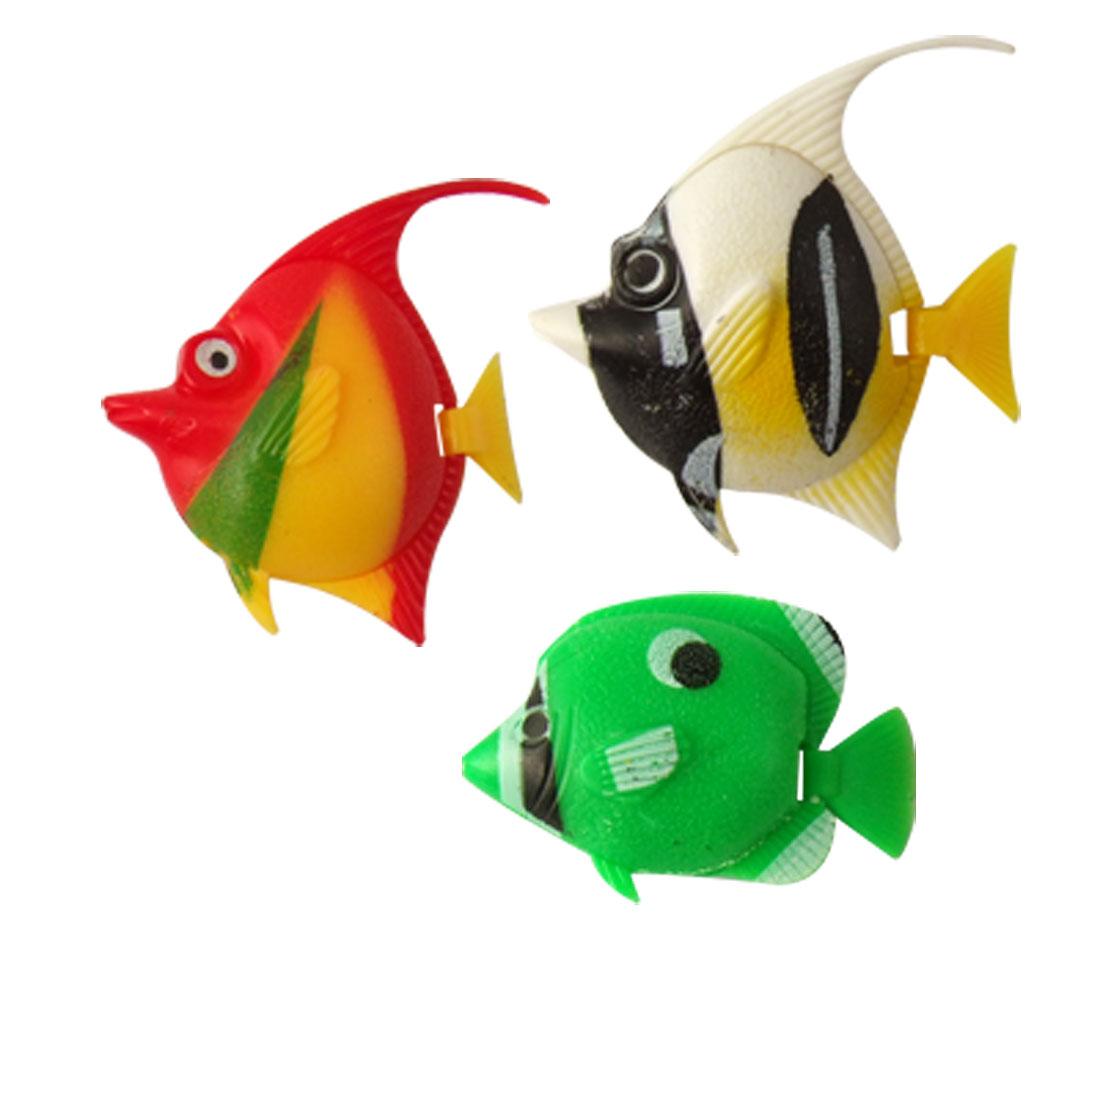 3 Pcs Multicolor Hard Plastic Tropical Fish for Aquarium